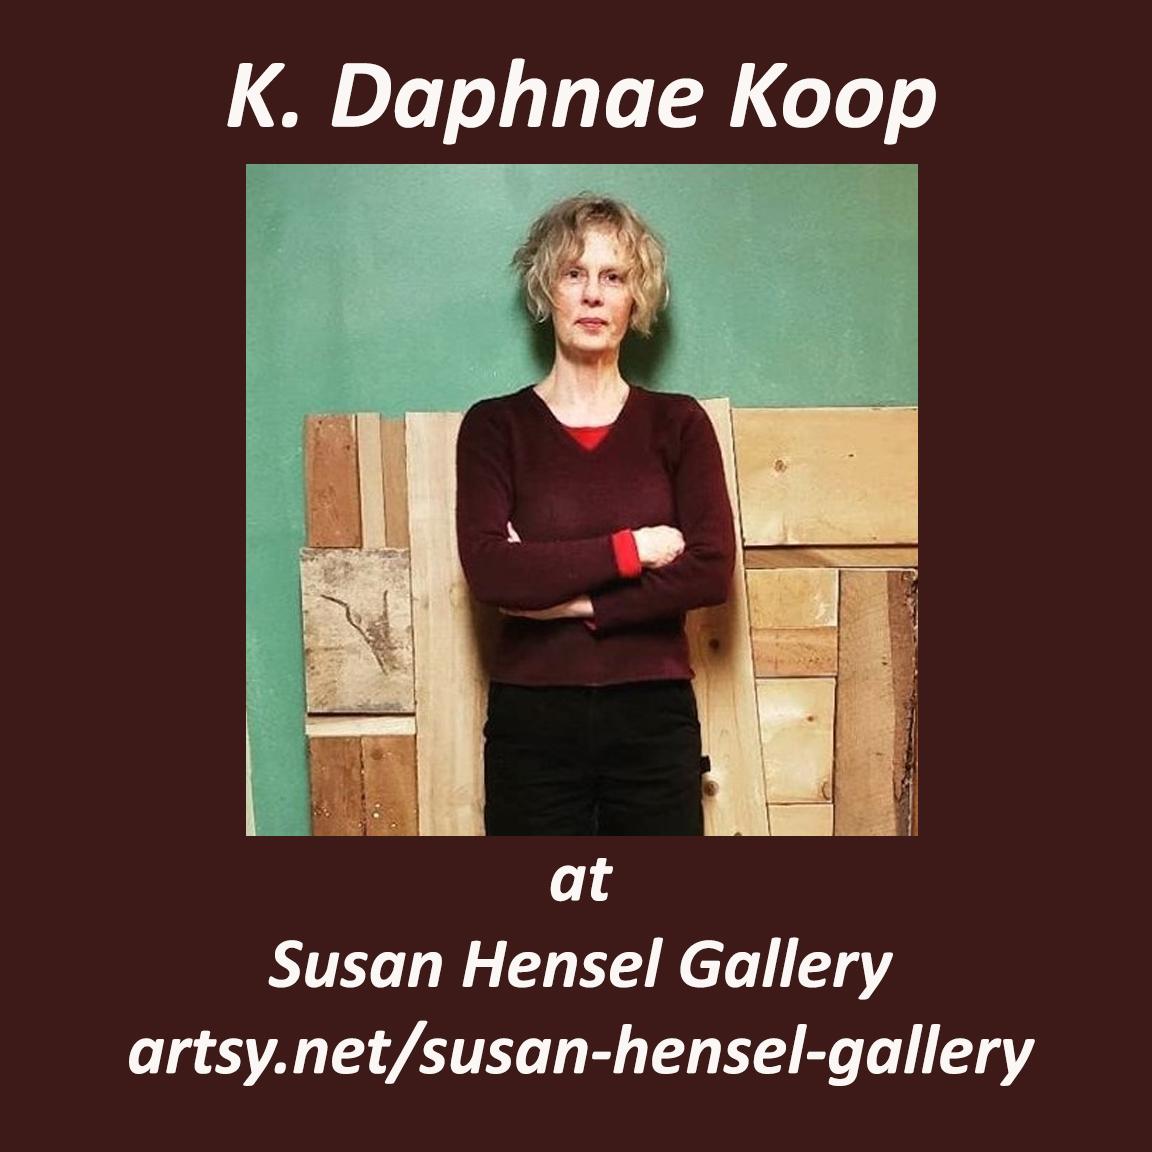 K. Daphnae Koop